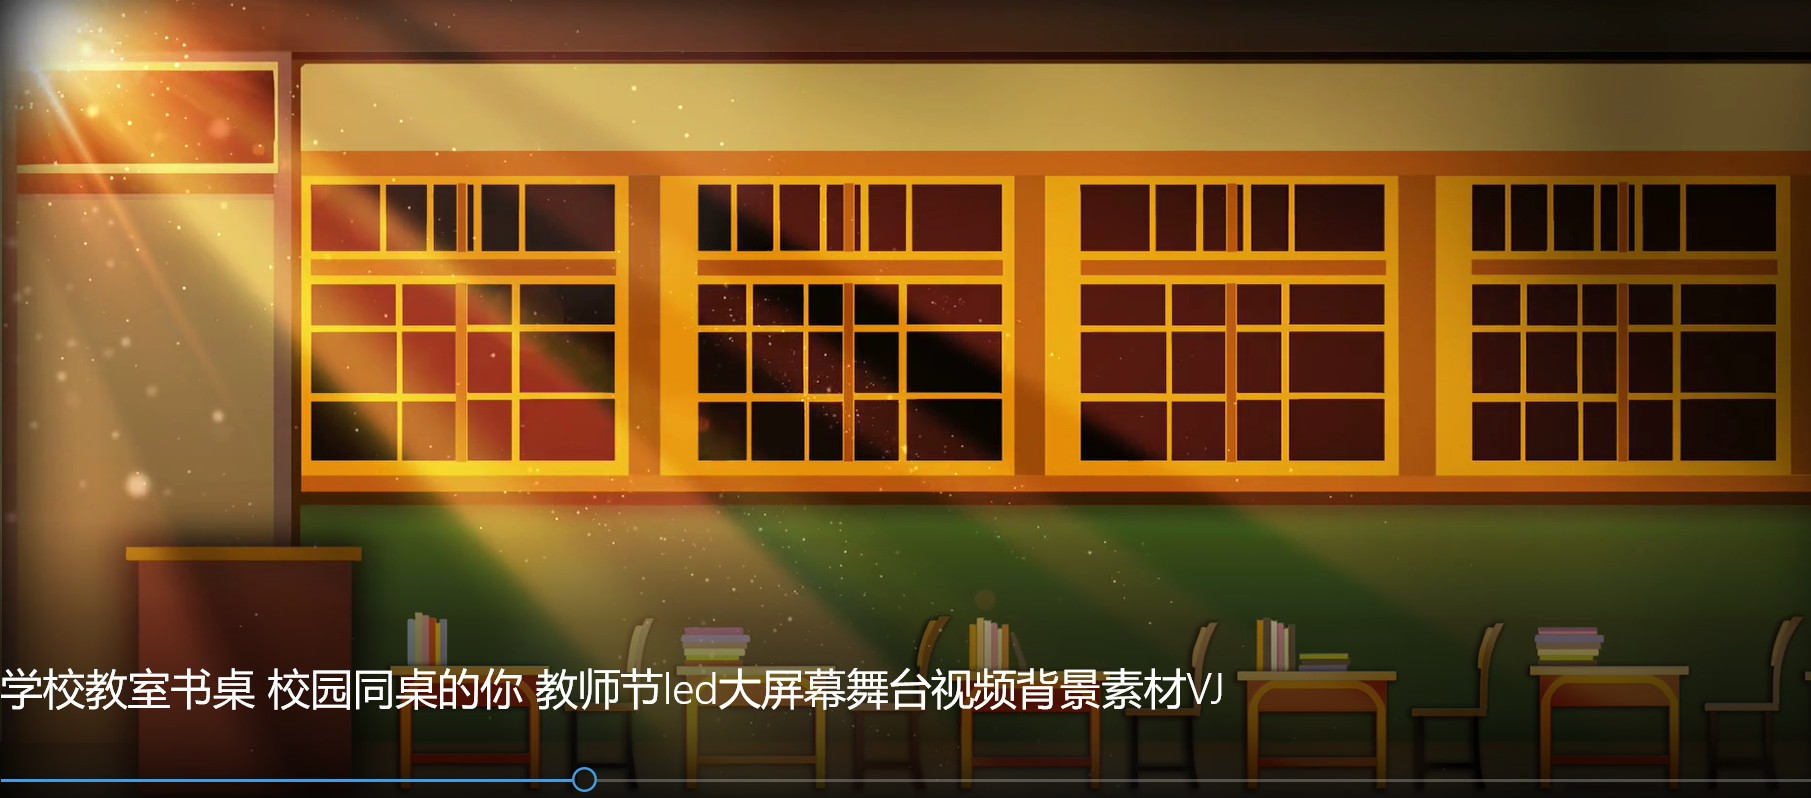 学校教室书桌 校园同桌的你 教师节led大屏幕舞台视频背景素材VJ